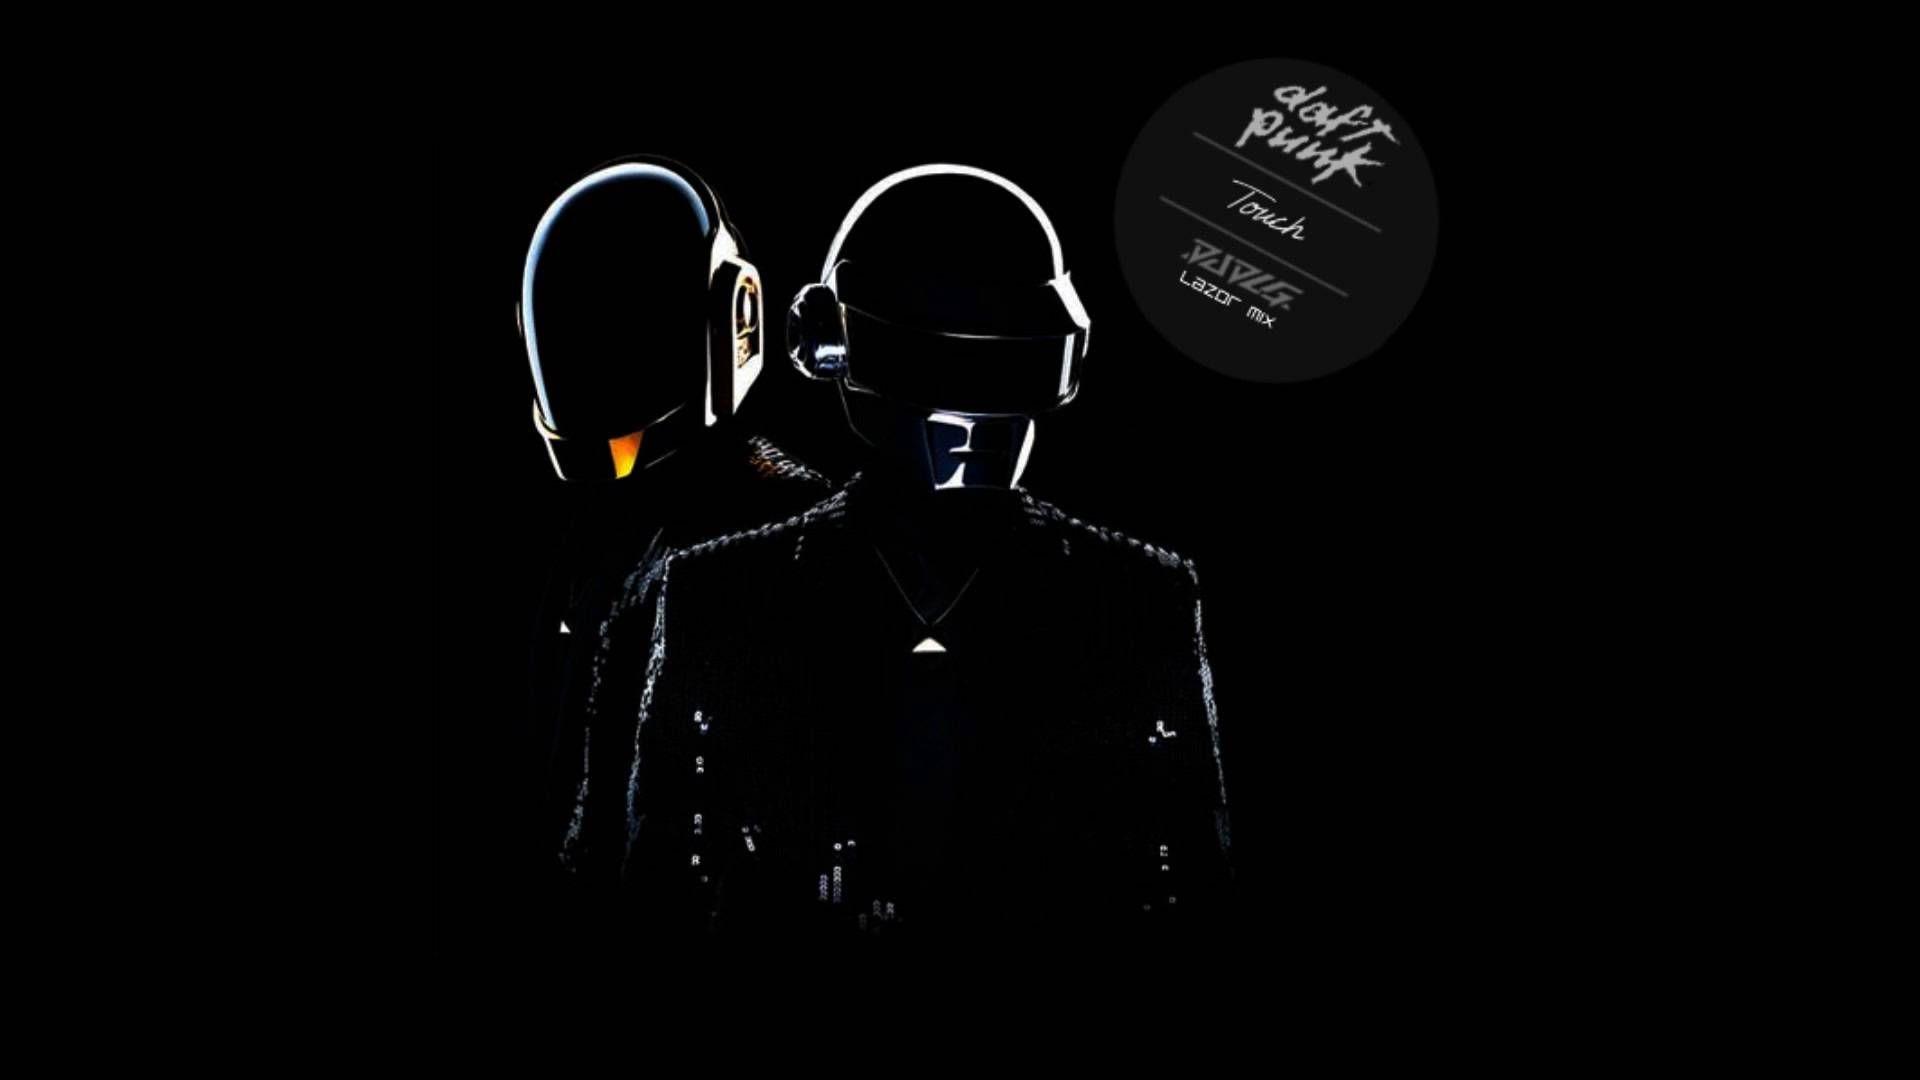 Daft Punk - Touch feat Paul Williams - DJ DLG Lazor Mix